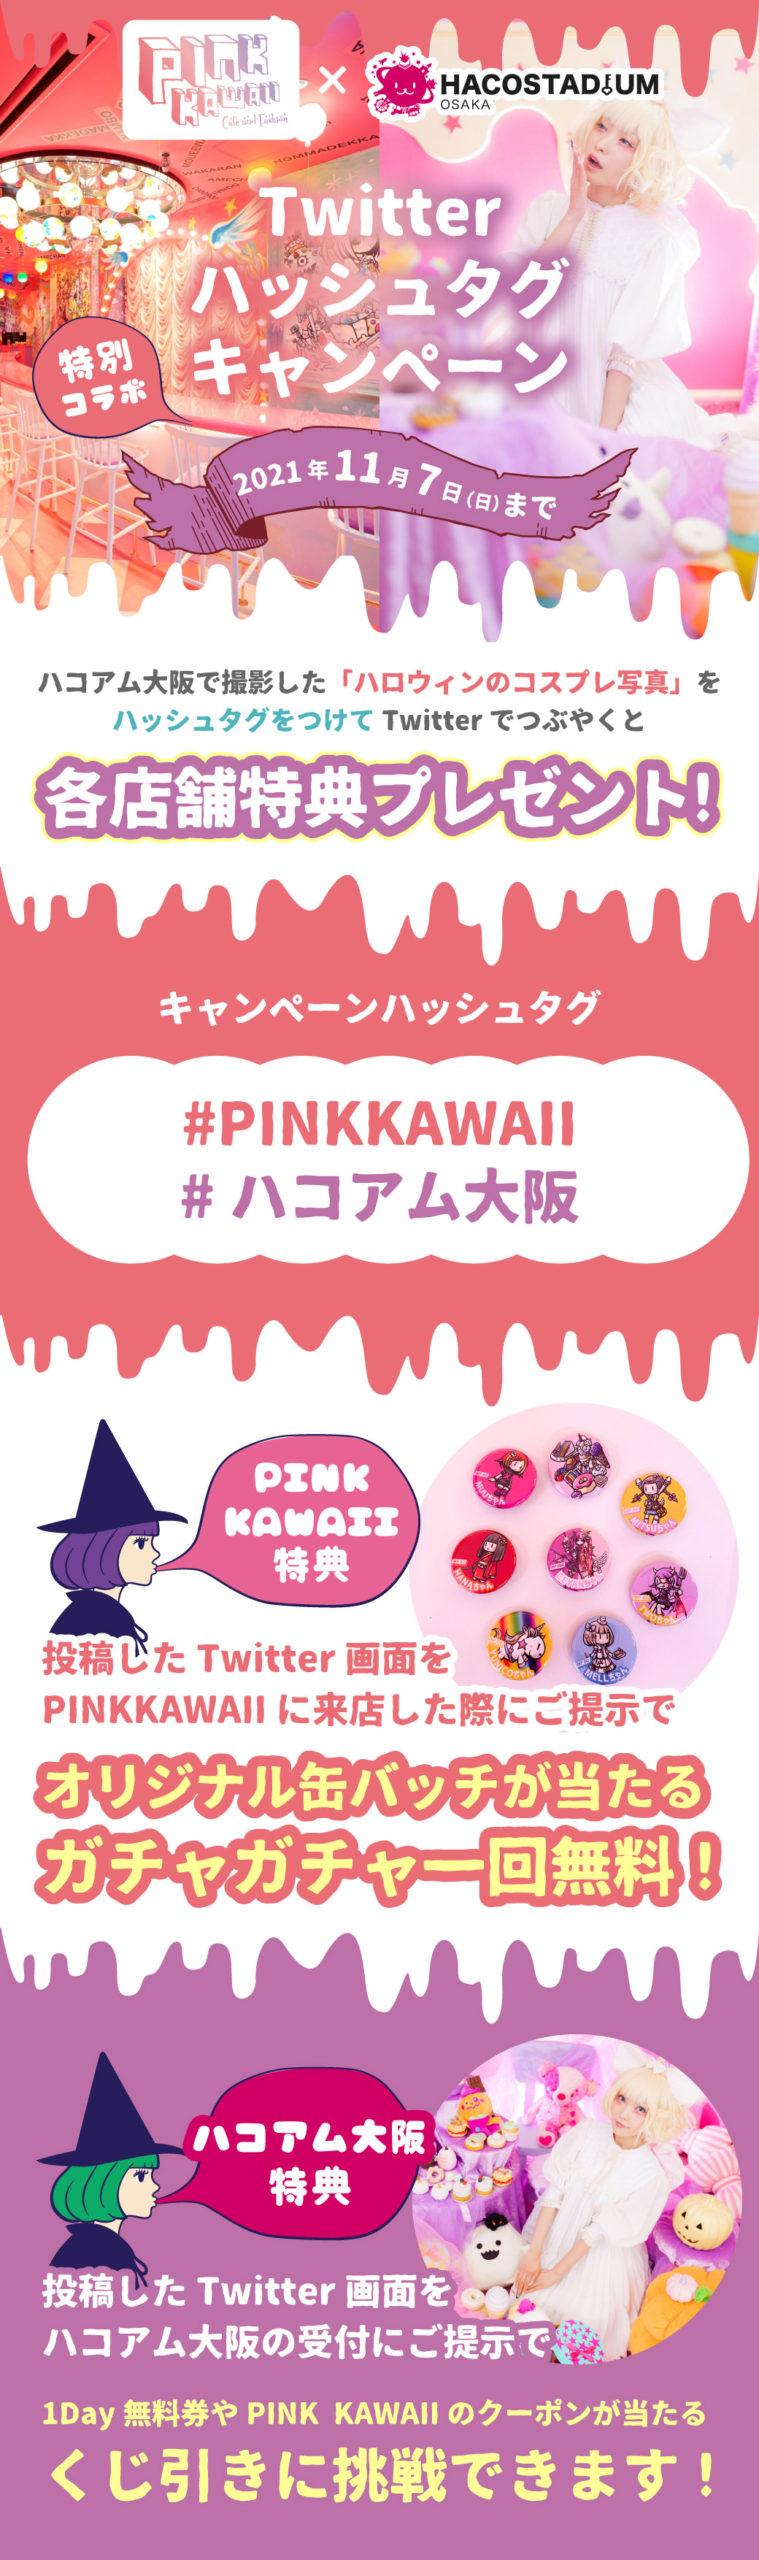 ピンクカワイイコラボハッシュタグキャンペーン